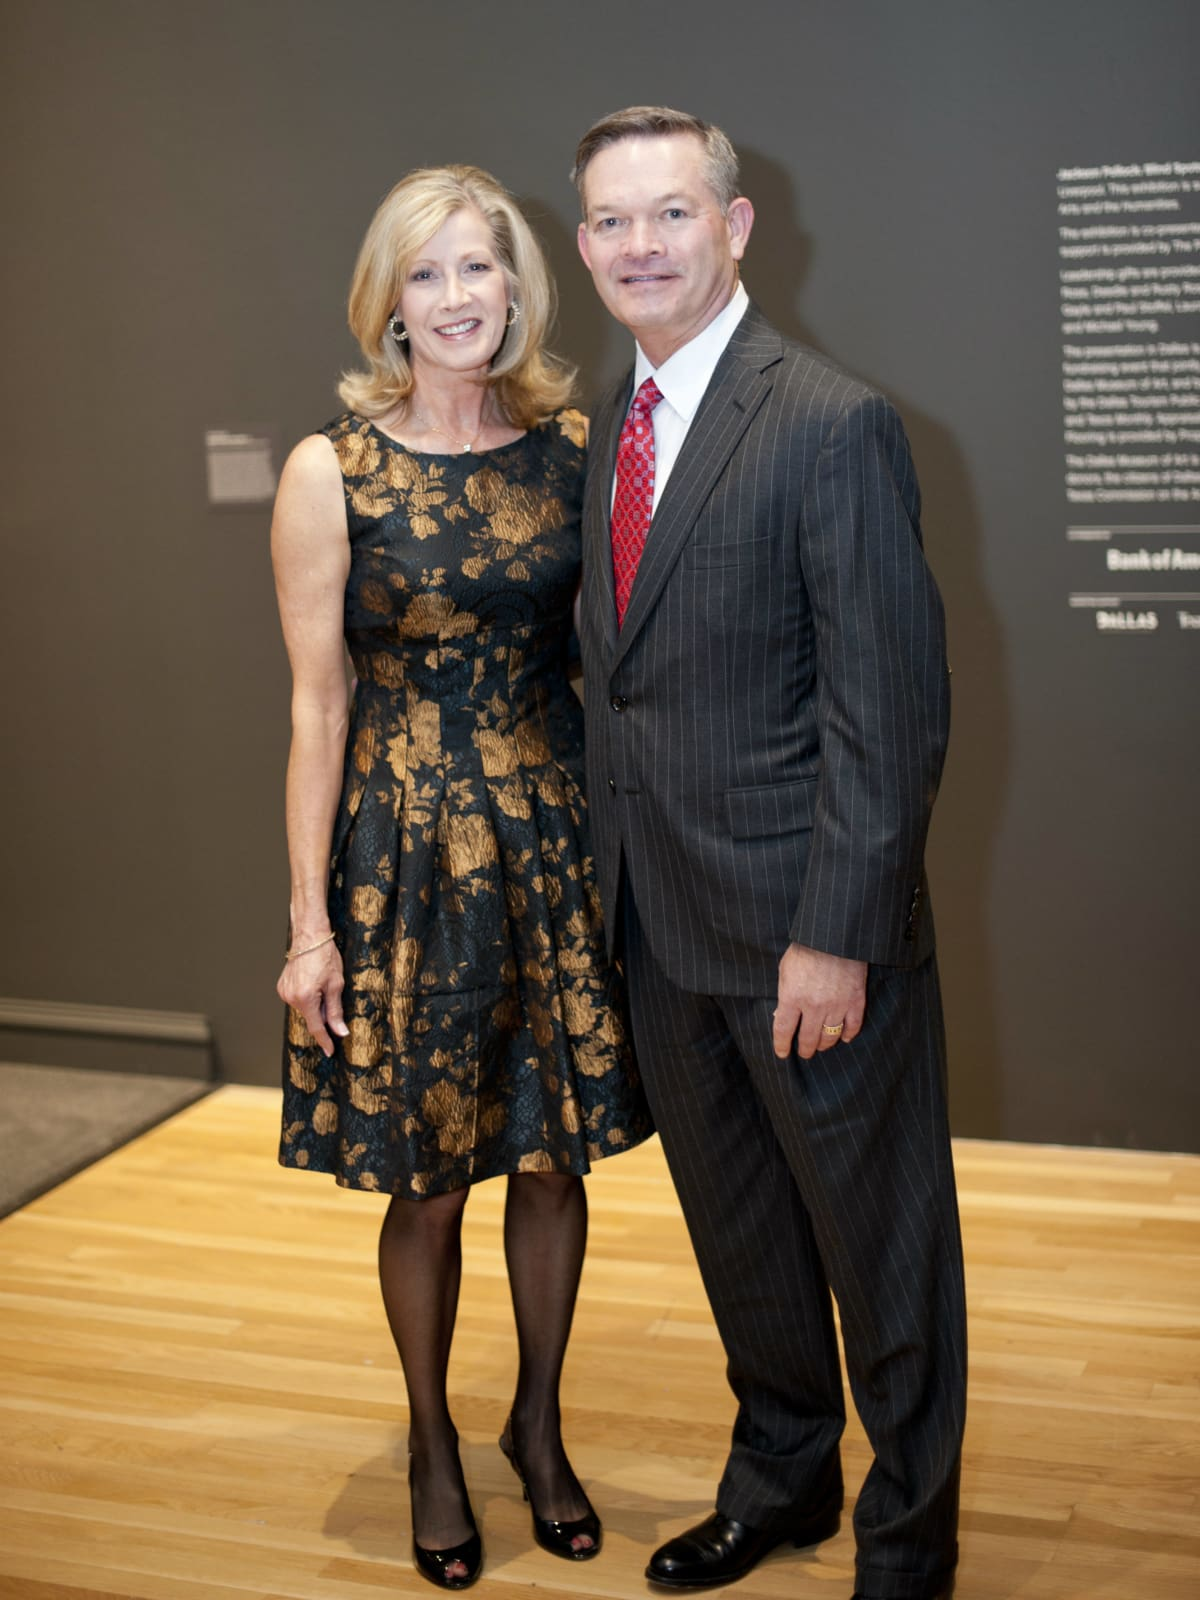 Kathy Holt, Richard Holt